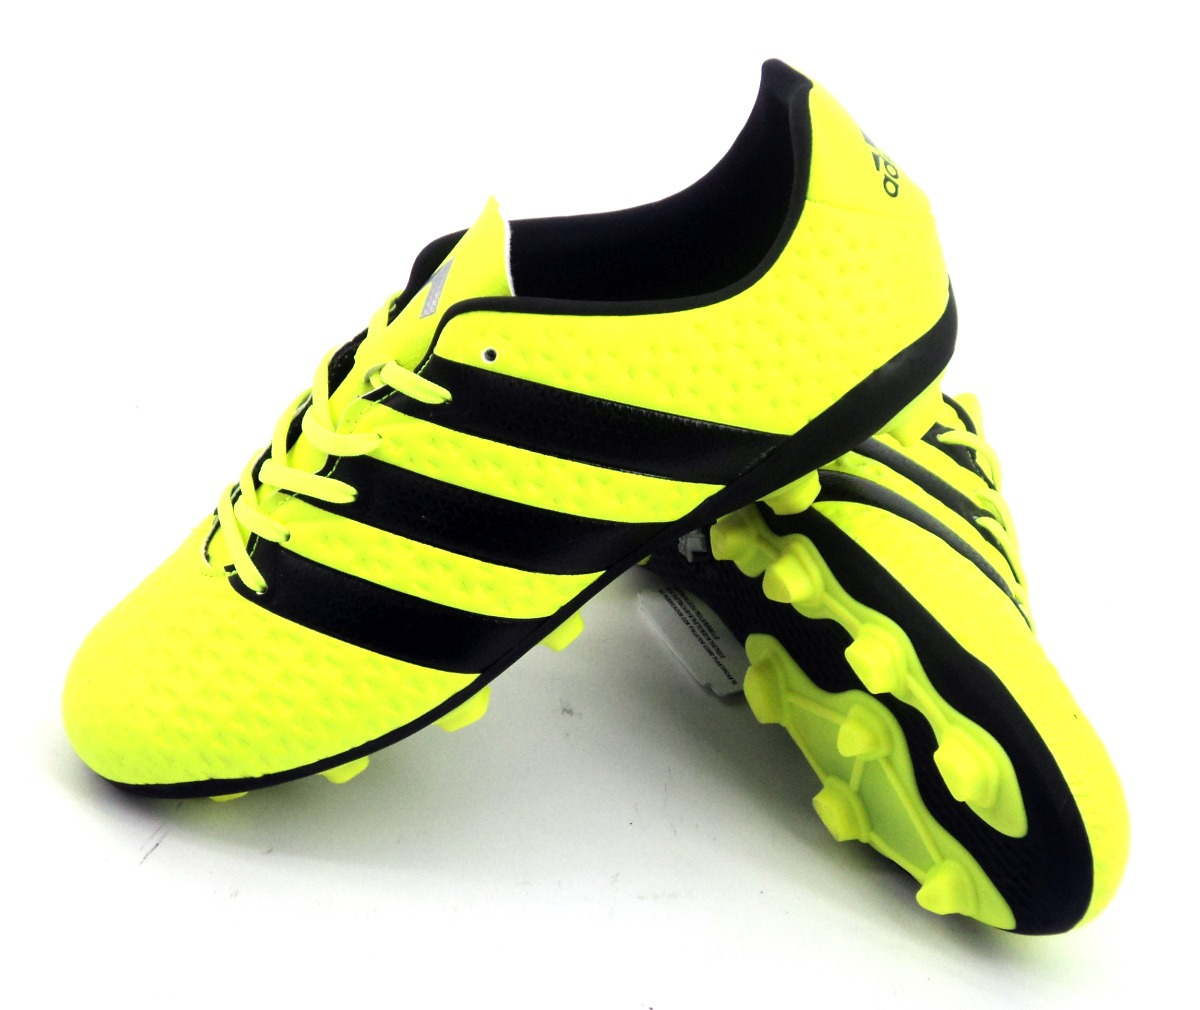 ce19eaf990972 ... coupon code for botin adidas ace 16.4 verde niño fútbol eezap. cargando  zoom. 91cdf